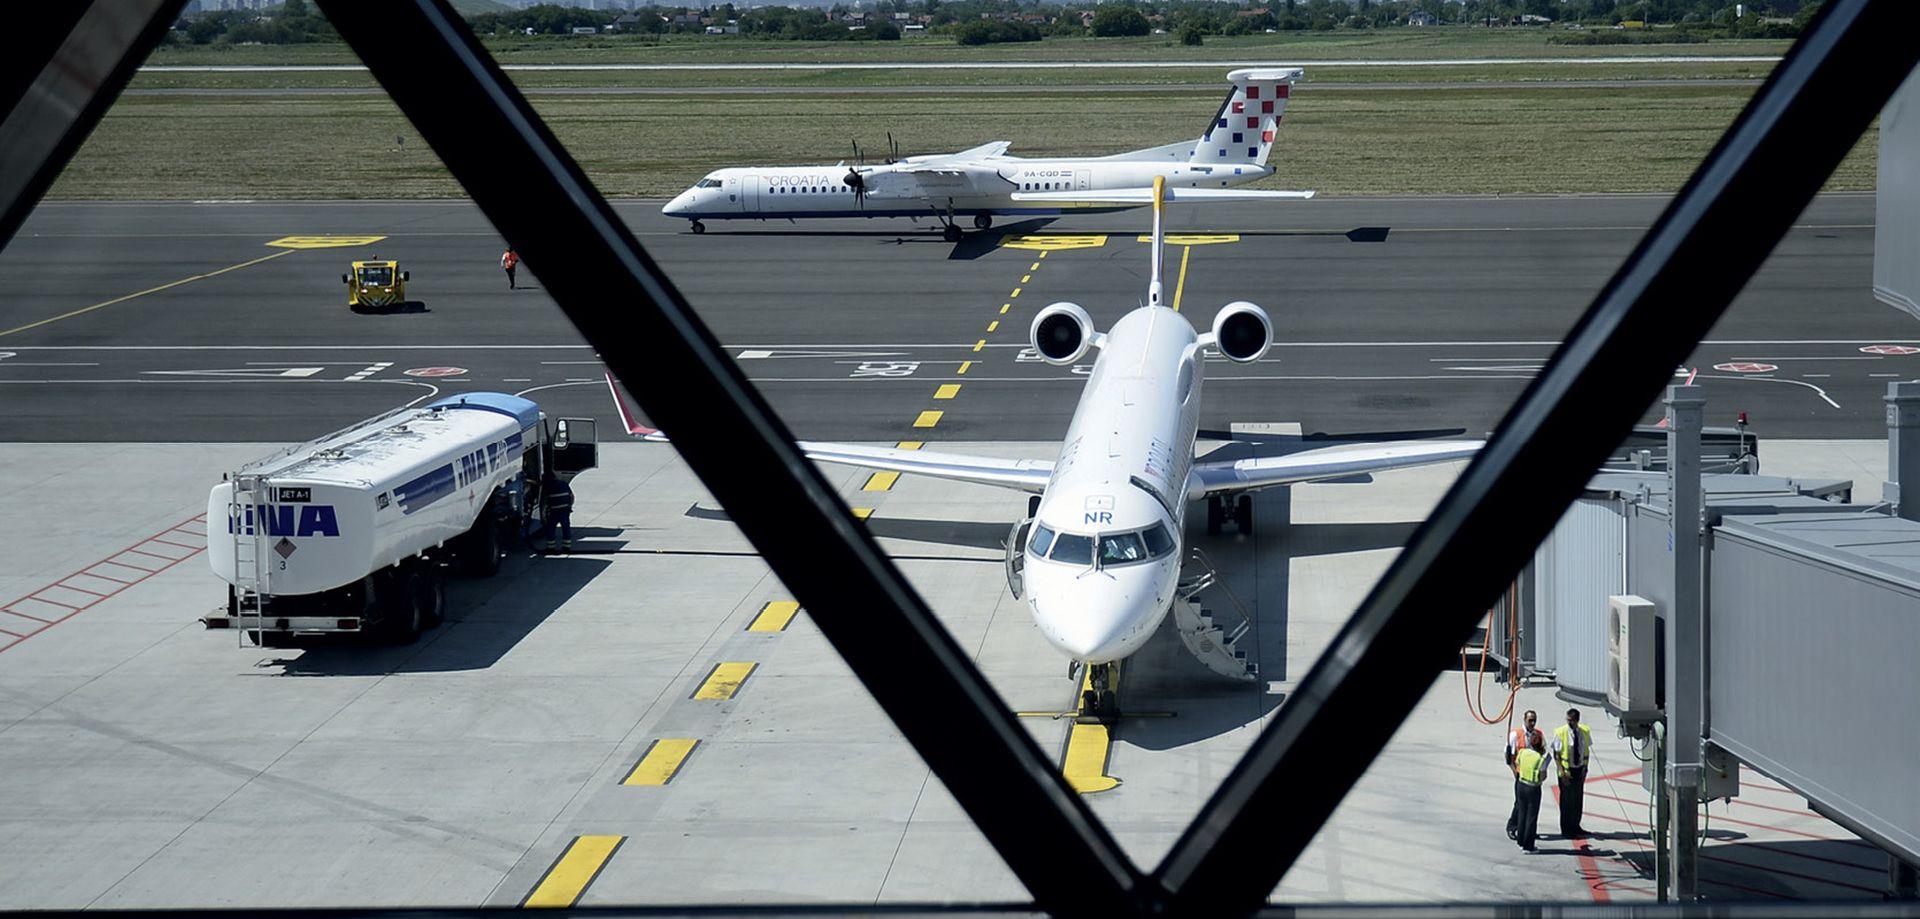 NOVI FINANCIJSKI ŠOK ZA INU: Nema više monopola na opskrbu zrakoplova gorivom